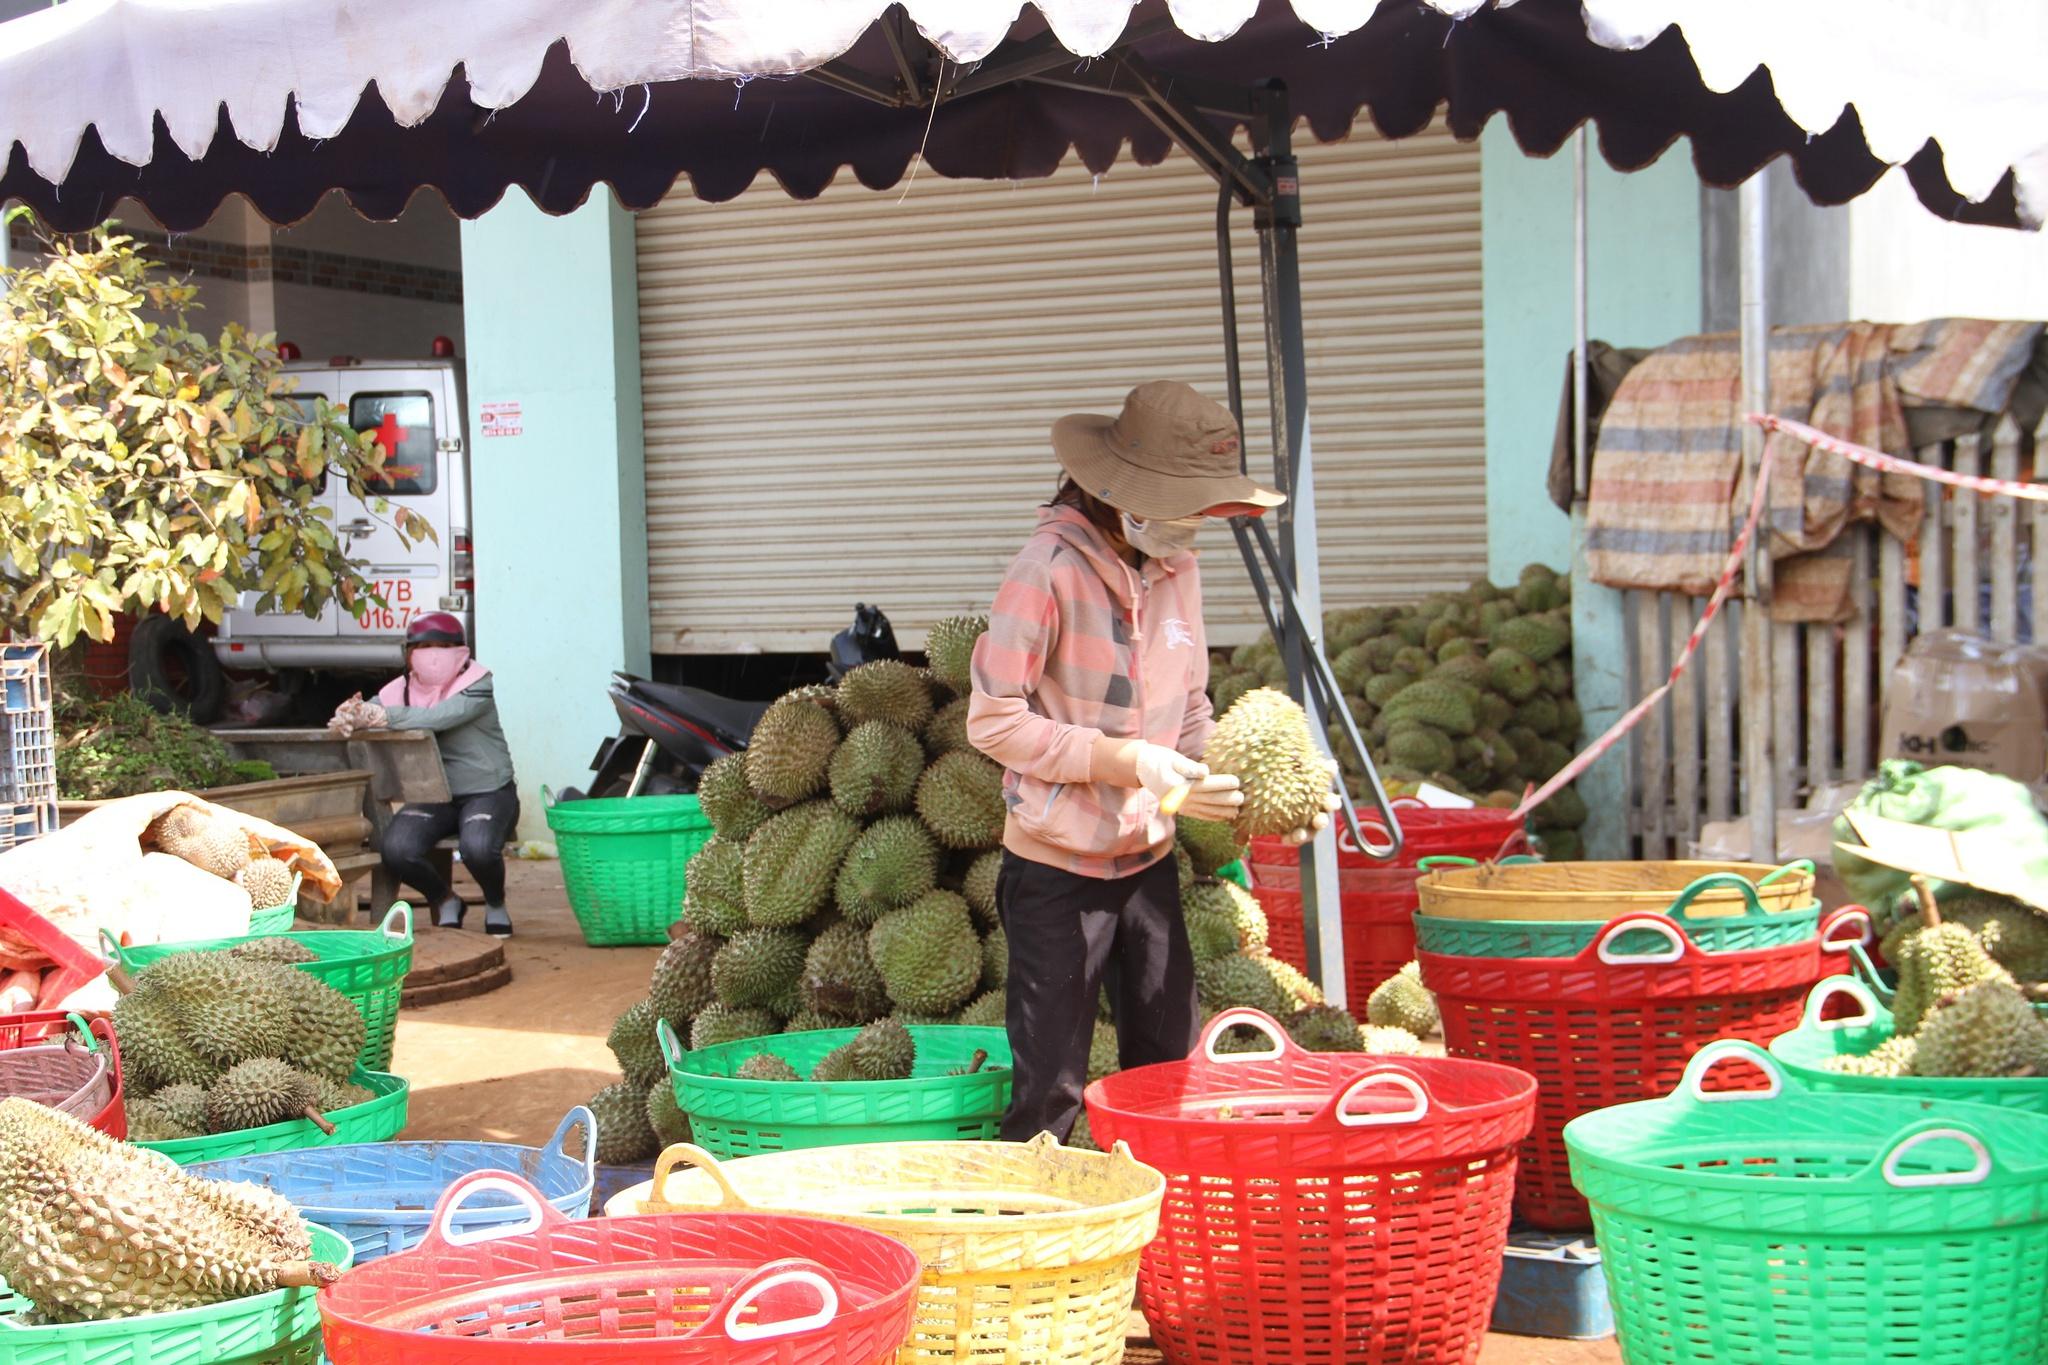 Các đại lý nhỏ tại H.Krông Pắk chỉ thu mua số lượng ít sầu riêng. Ảnh: Hoàng Bình